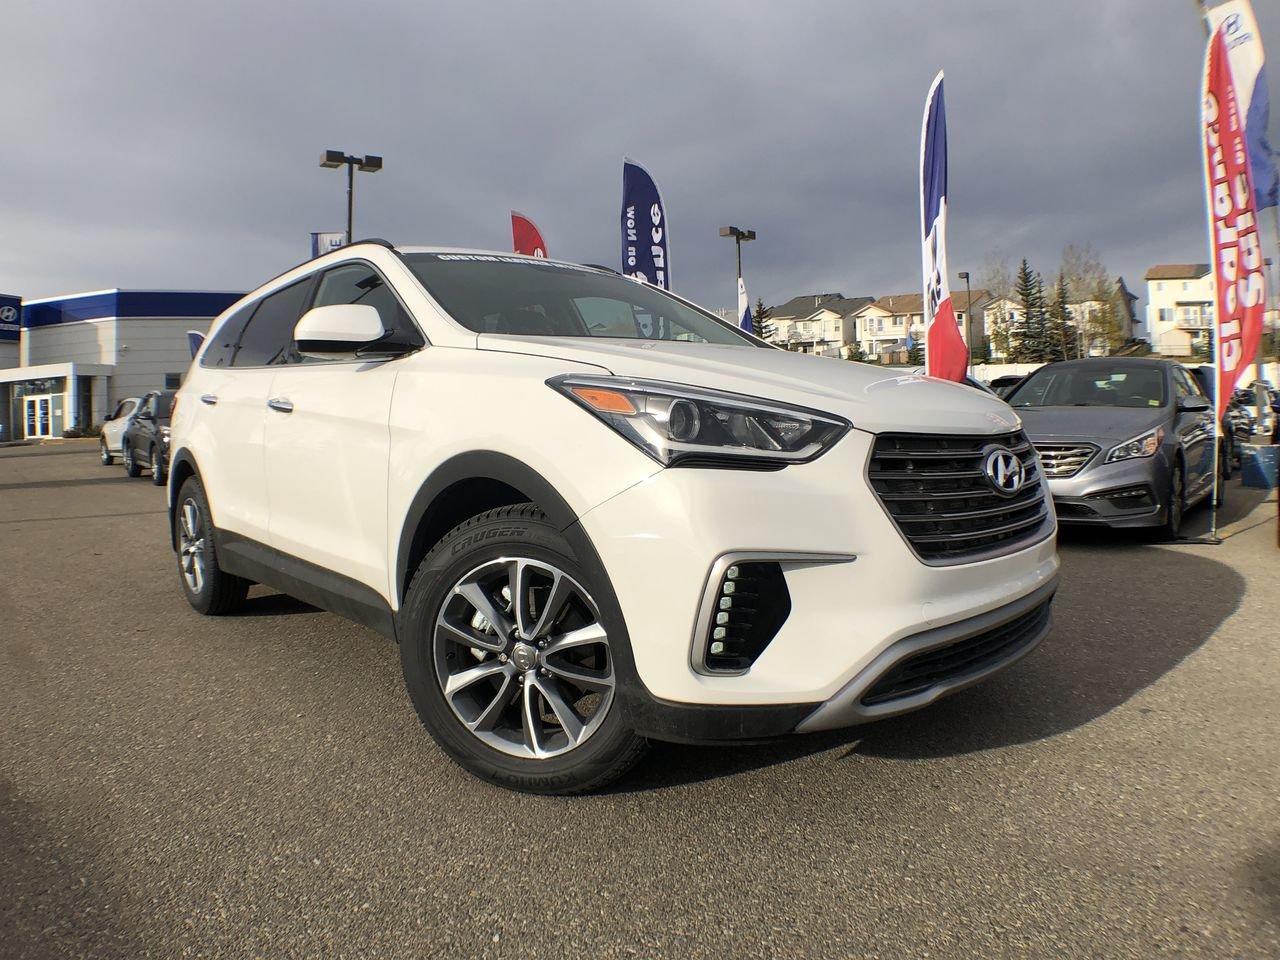 2018 Hyundai Santa Fe XL Base - CUSTOM LEATHER INTERIOR! SUV